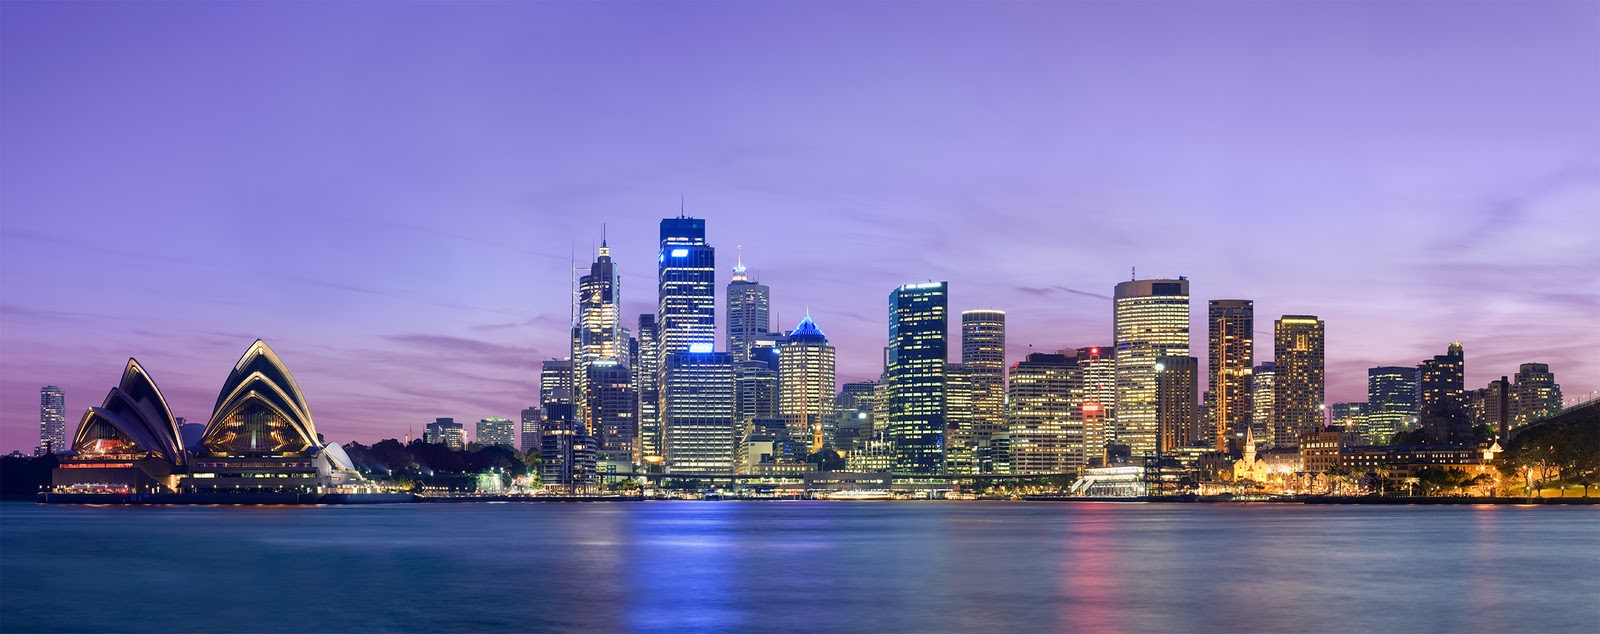 Sydney (Avustralya) - Yeşil Kıtanın ana limanı